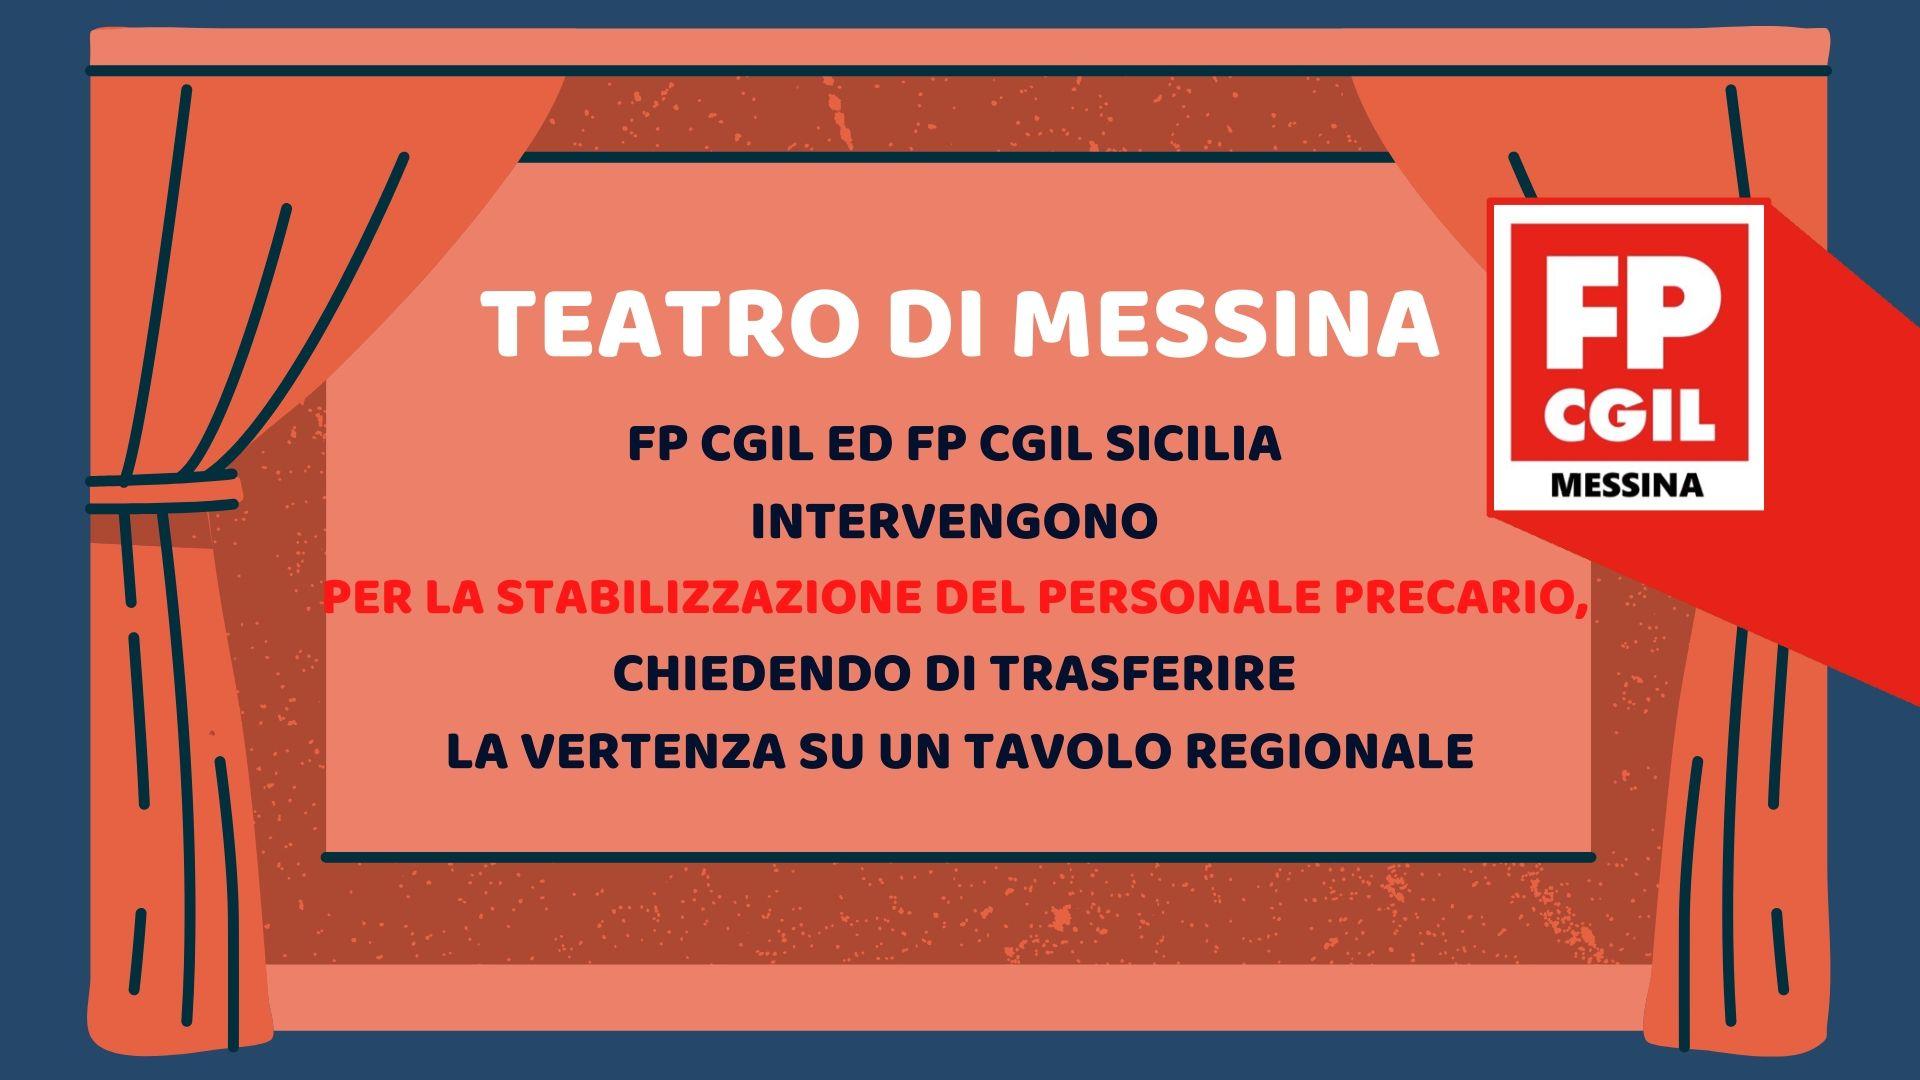 Teatro di Messina, FP CGIL ed FP CGIL Sicilia intervengono per la stabilizzazione del personale precario, chiedendo di trasferire la vertenza su un tavolo regionale